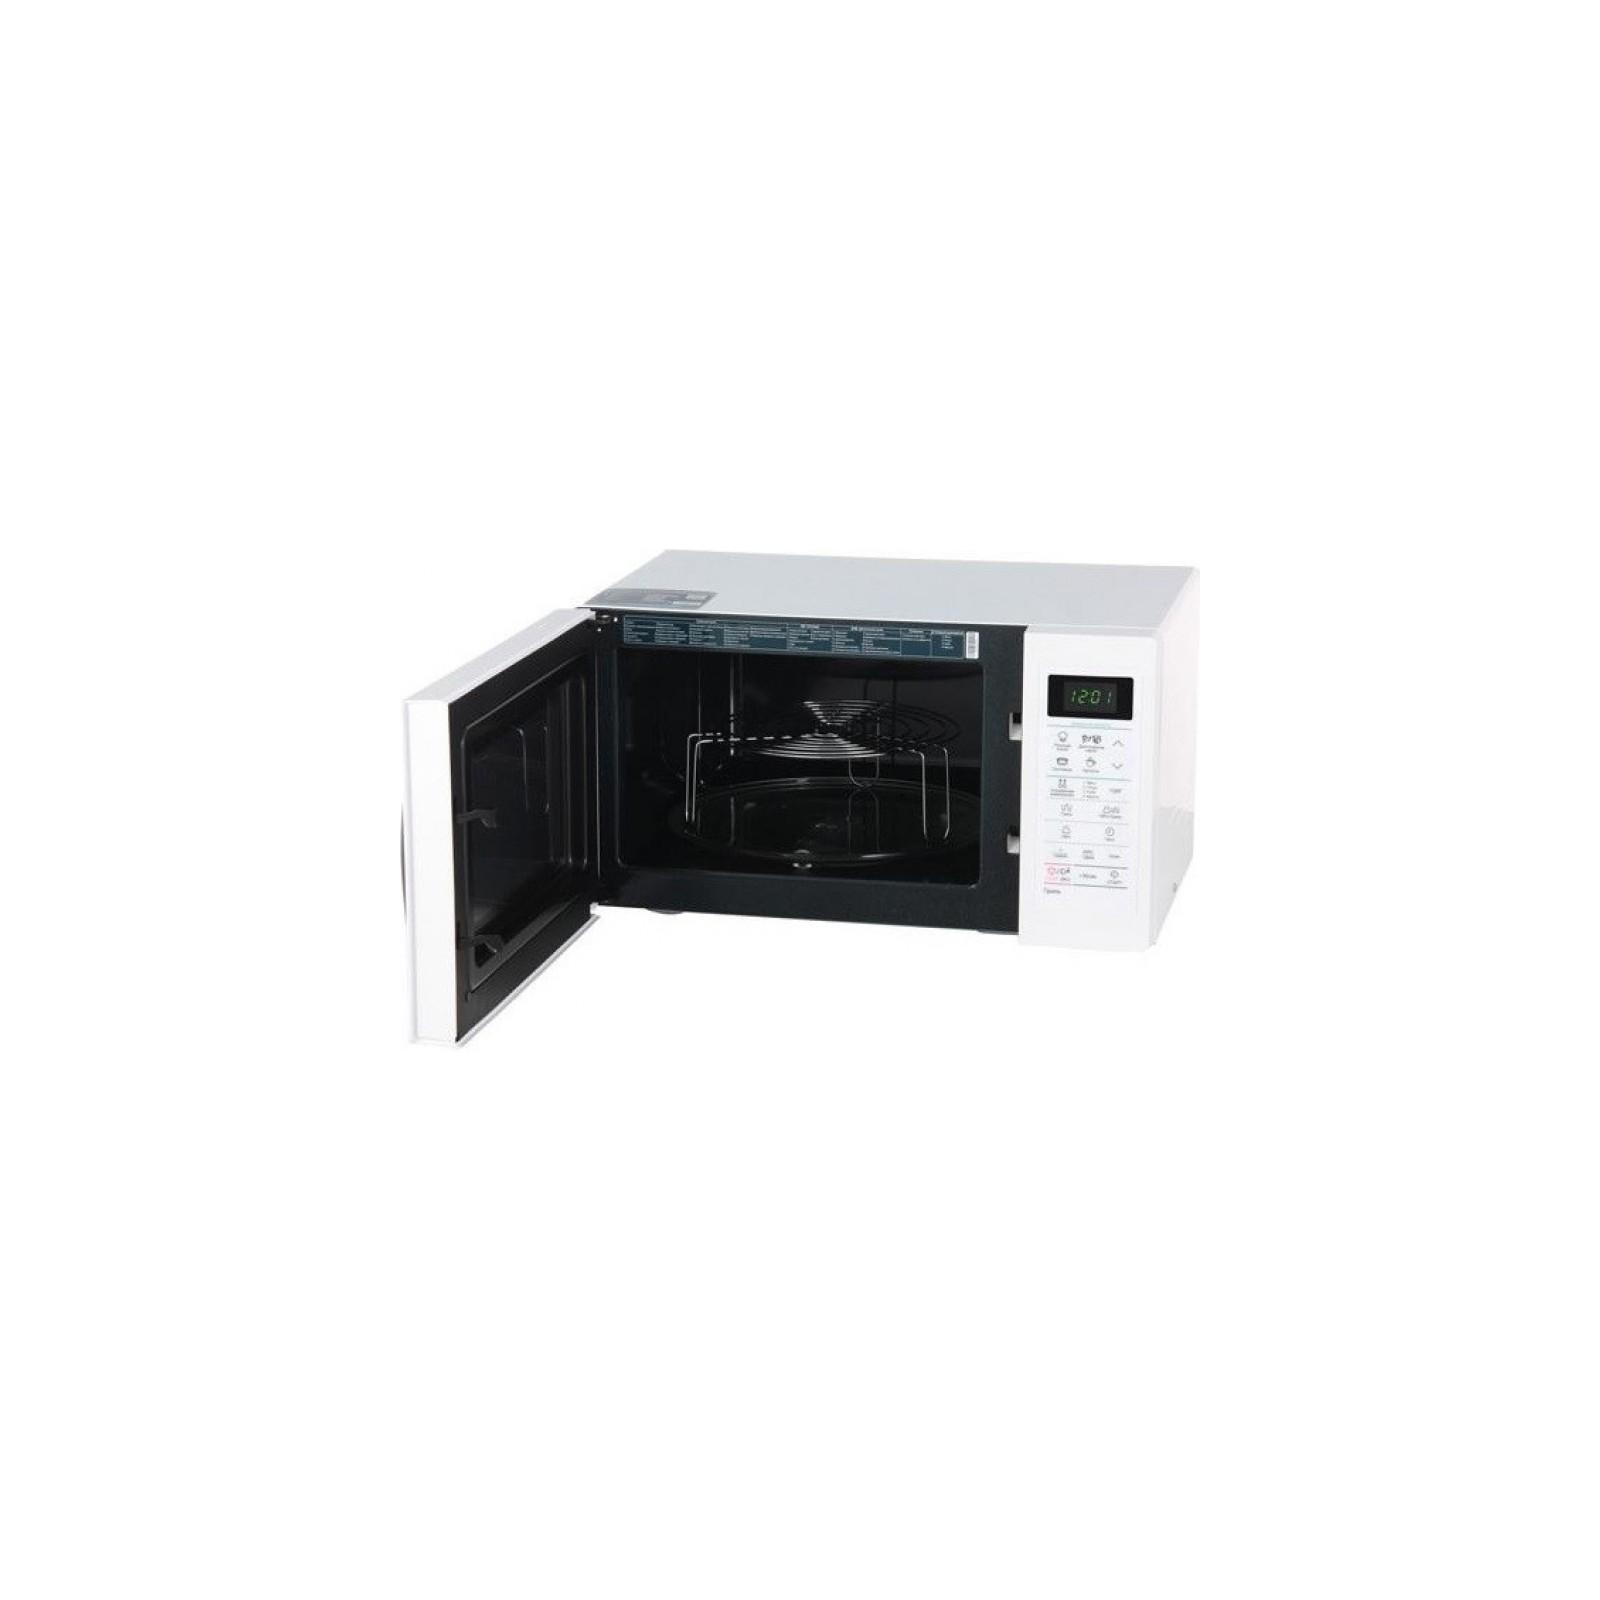 Микроволновая печь Samsung GE83ARW/UA изображение 3